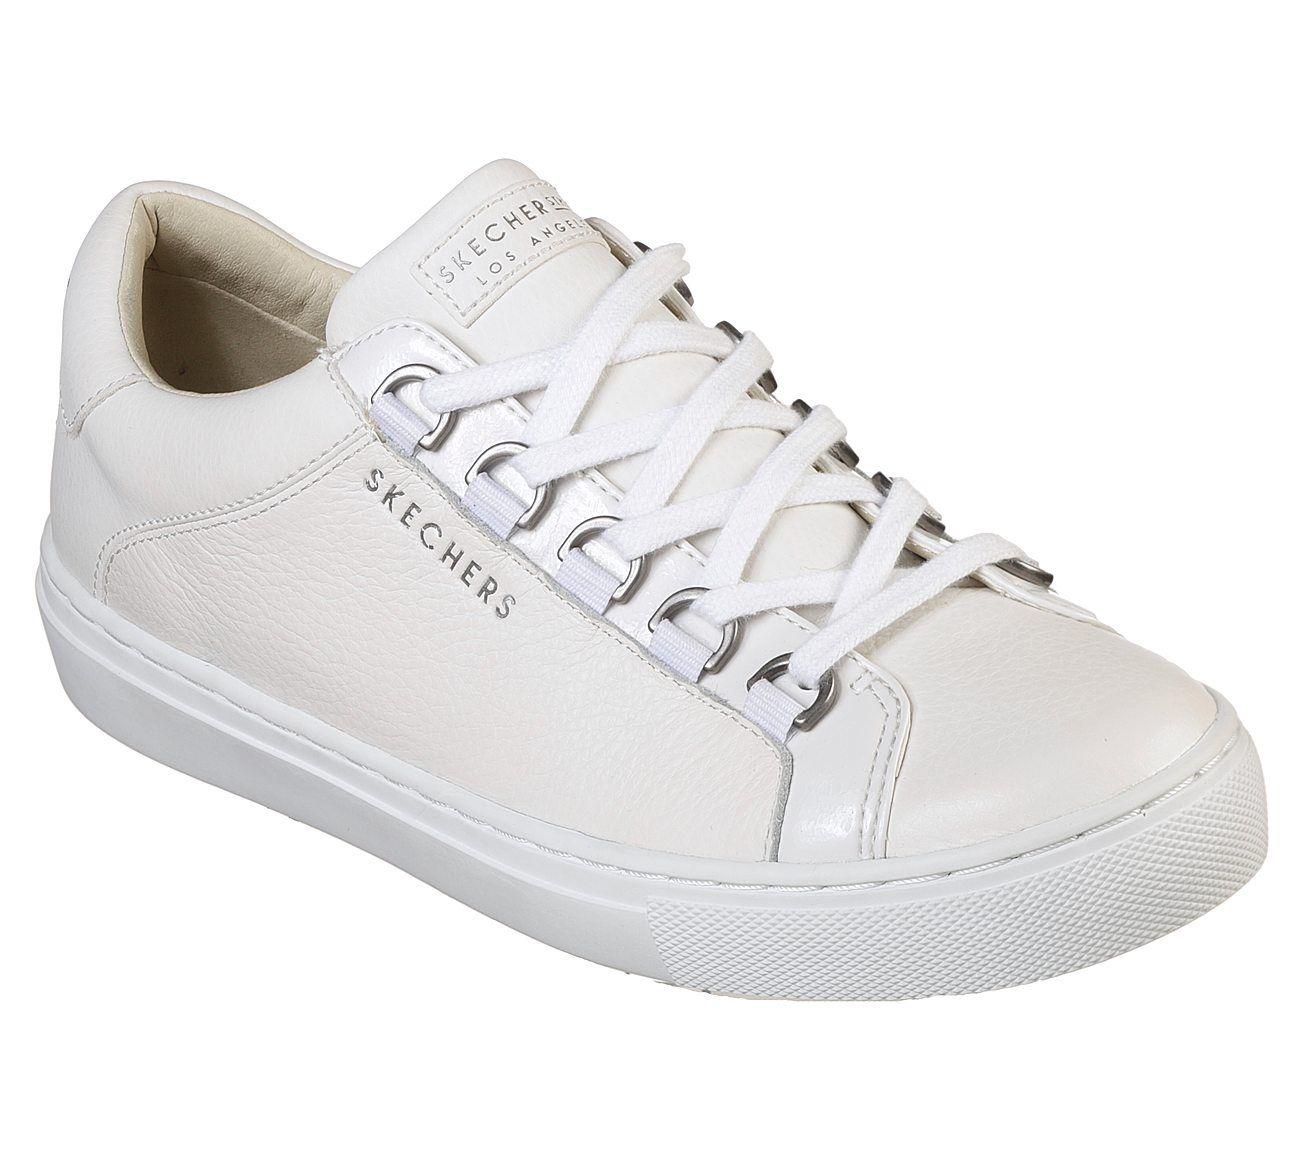 336f825cda98 Buy SKECHERS Side Street - Core-Set SKECHER Street Shoes only  55.00